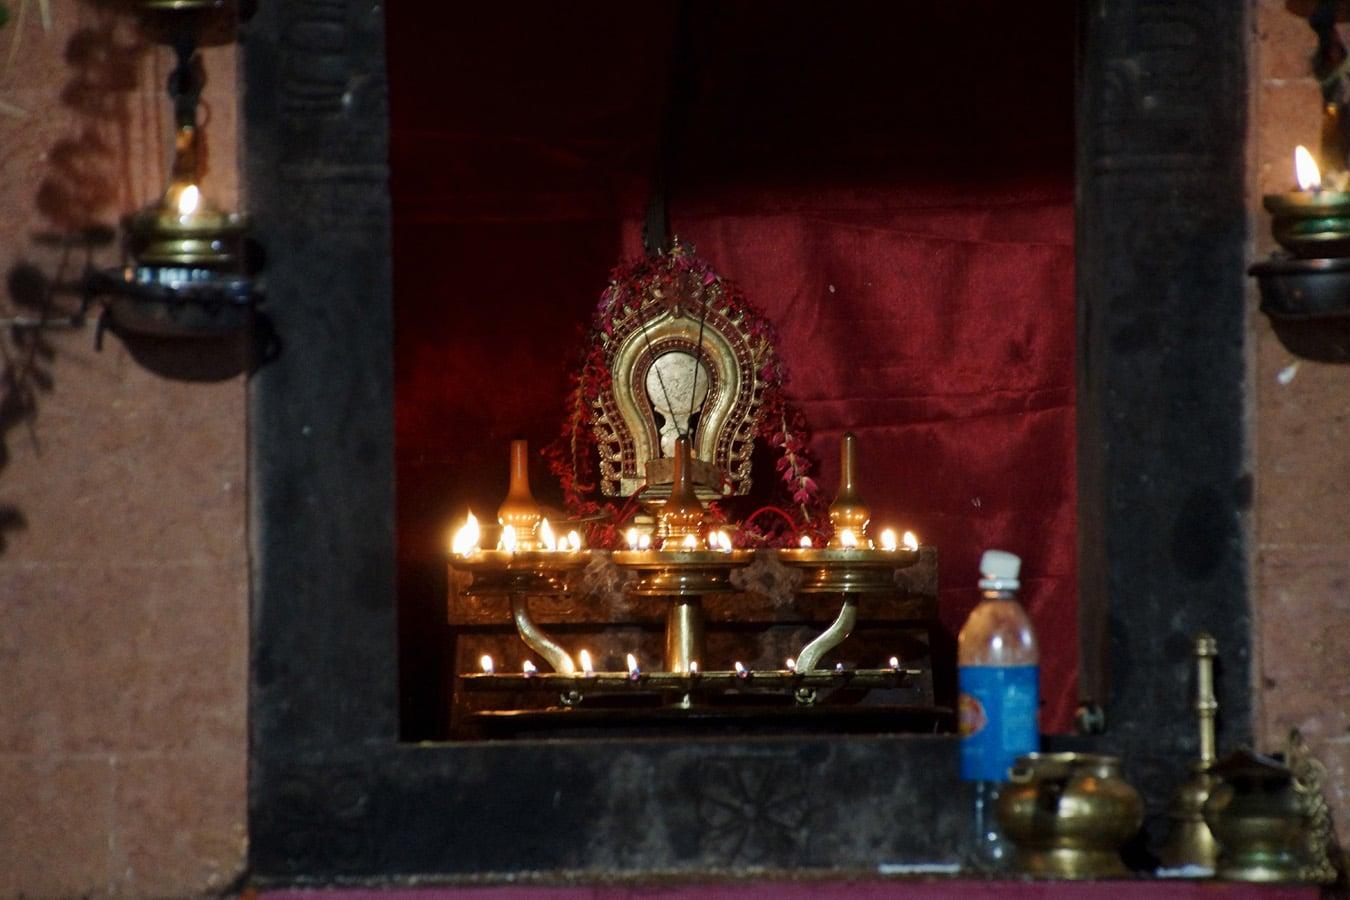 intérieur du templion habitacle du dieu - Rituel du Theyyam - Kannur Côte Malabar